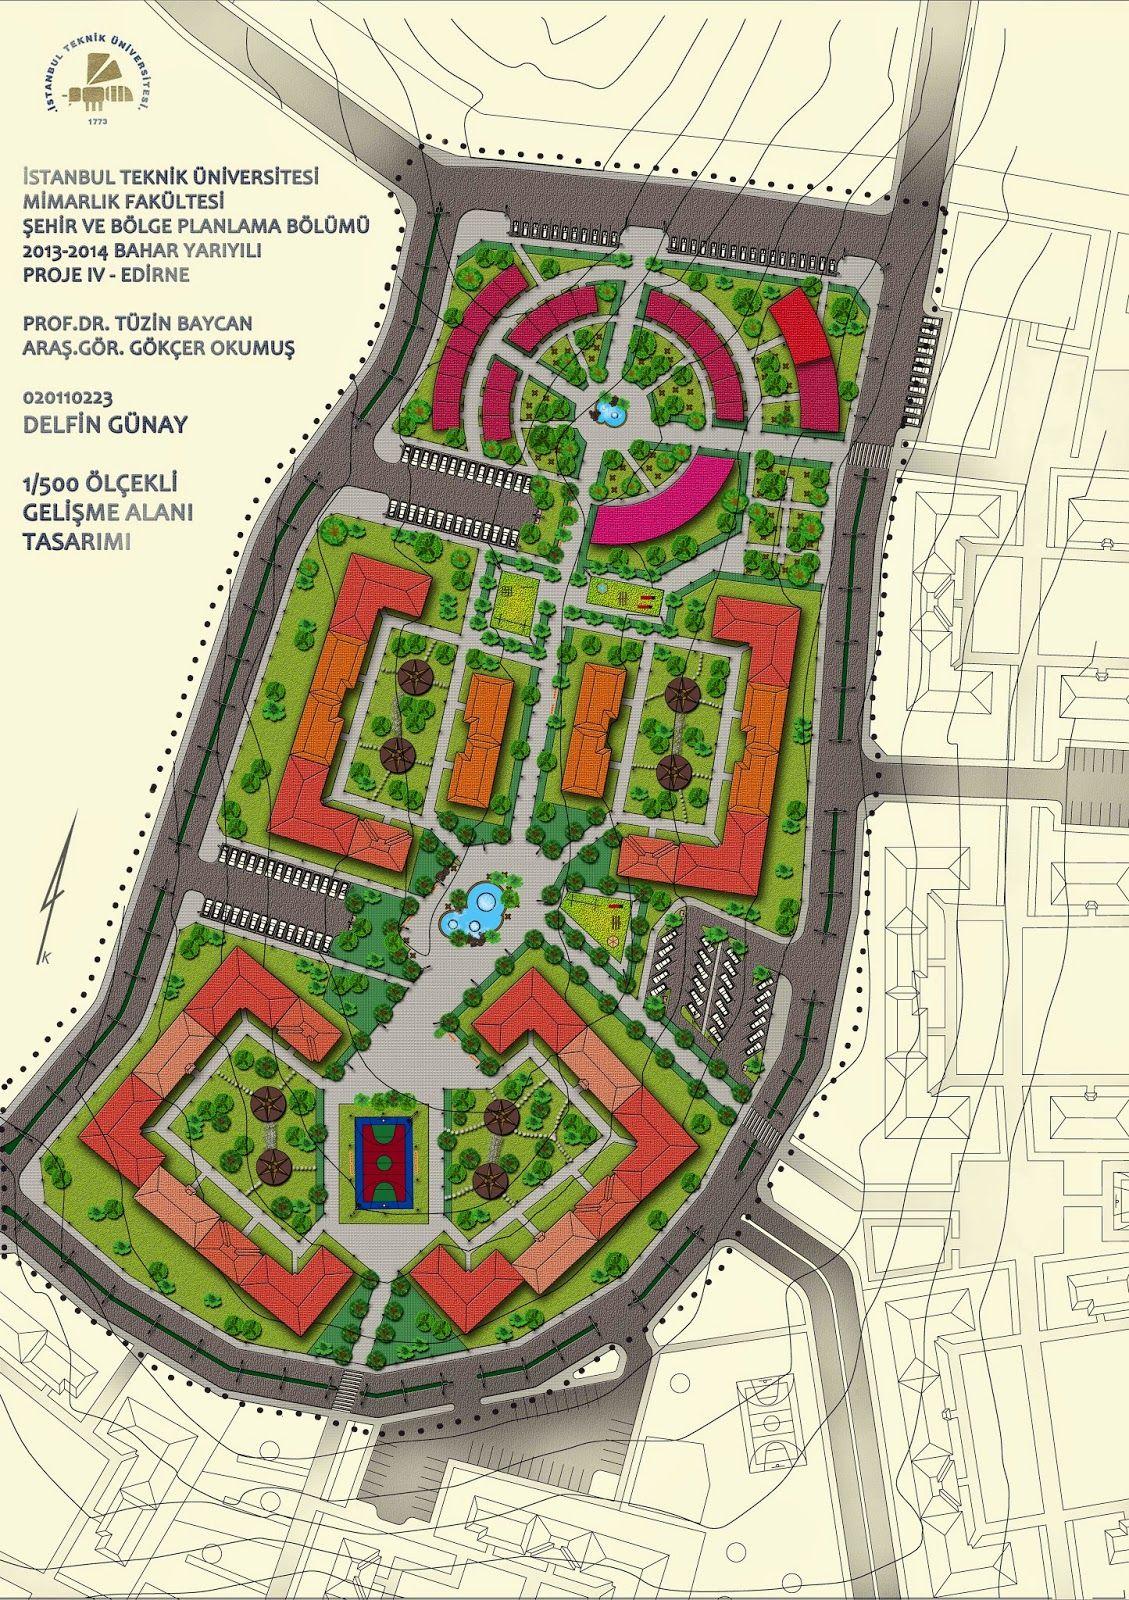 Title G 246 R 252 Nt 252 Ler Ile Şehir Kentsel Tasarım şeması